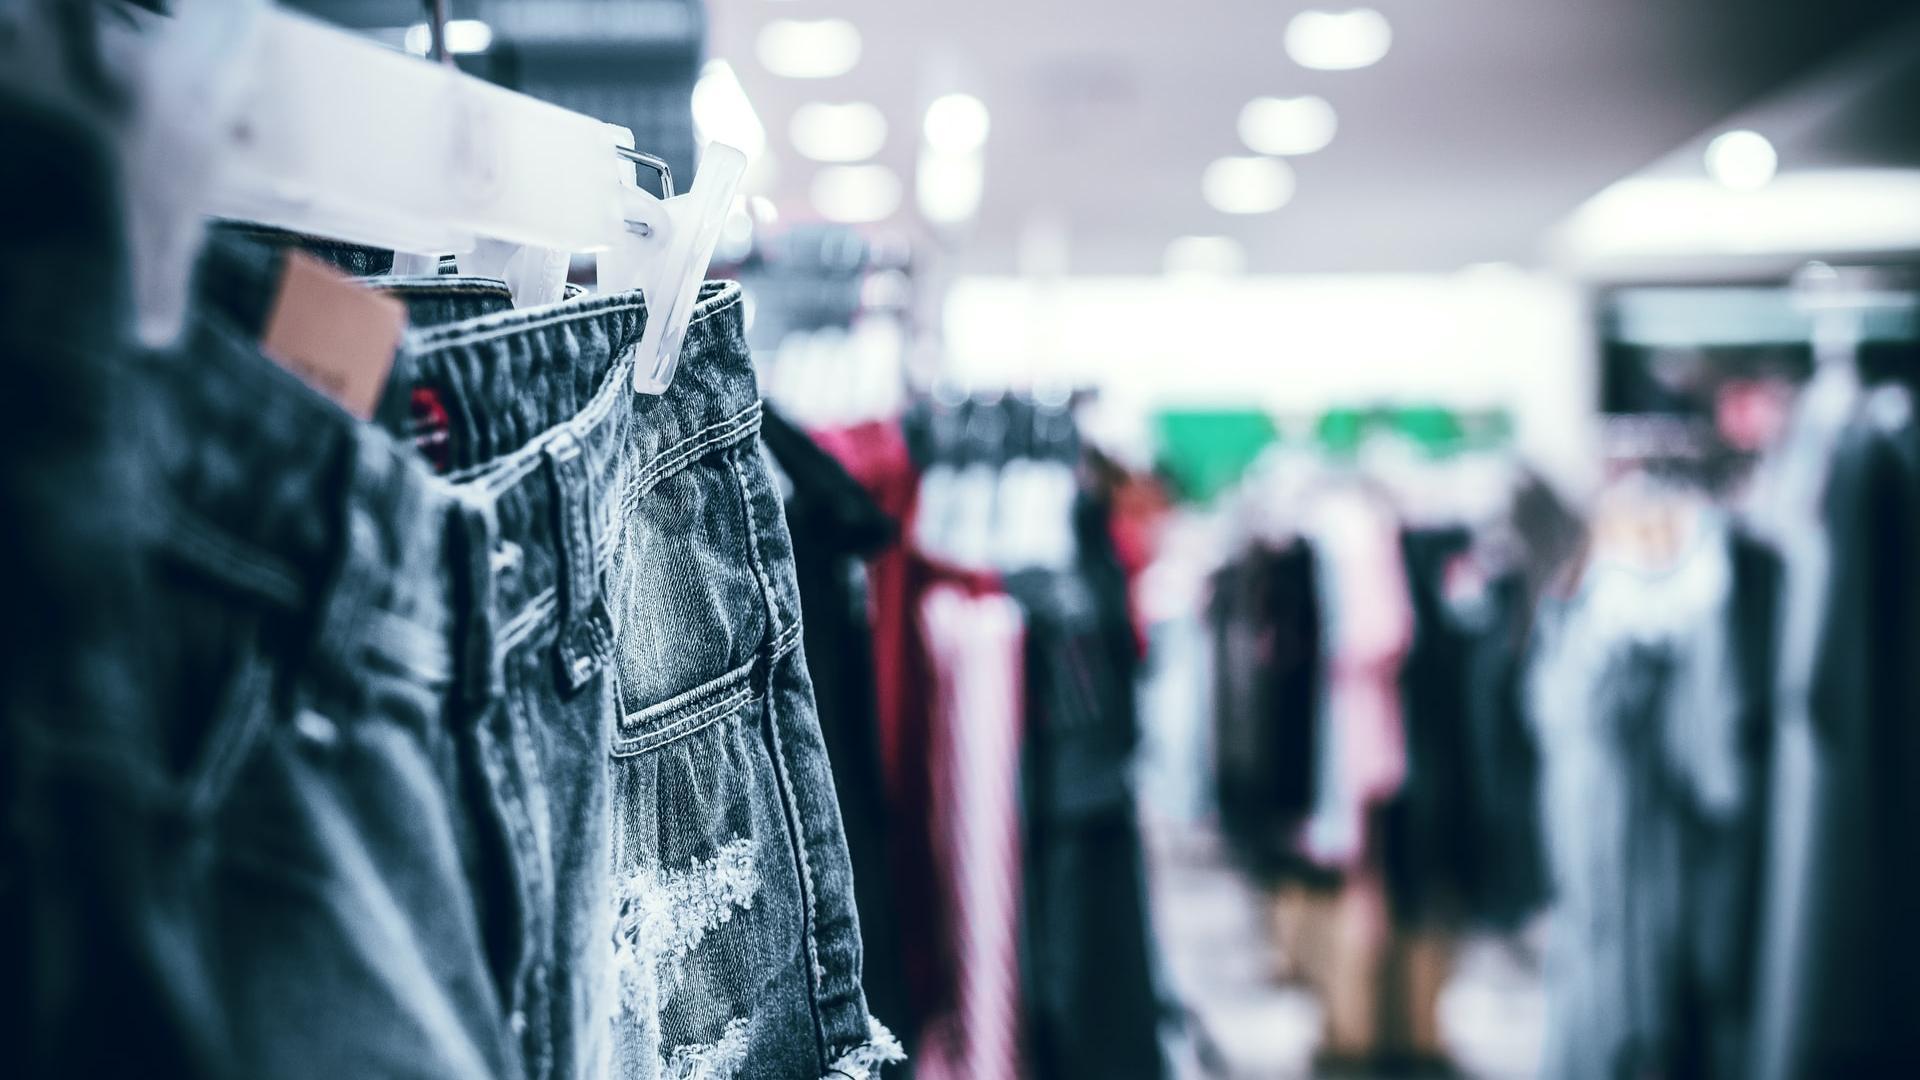 Fast Fashion Modegeschäft